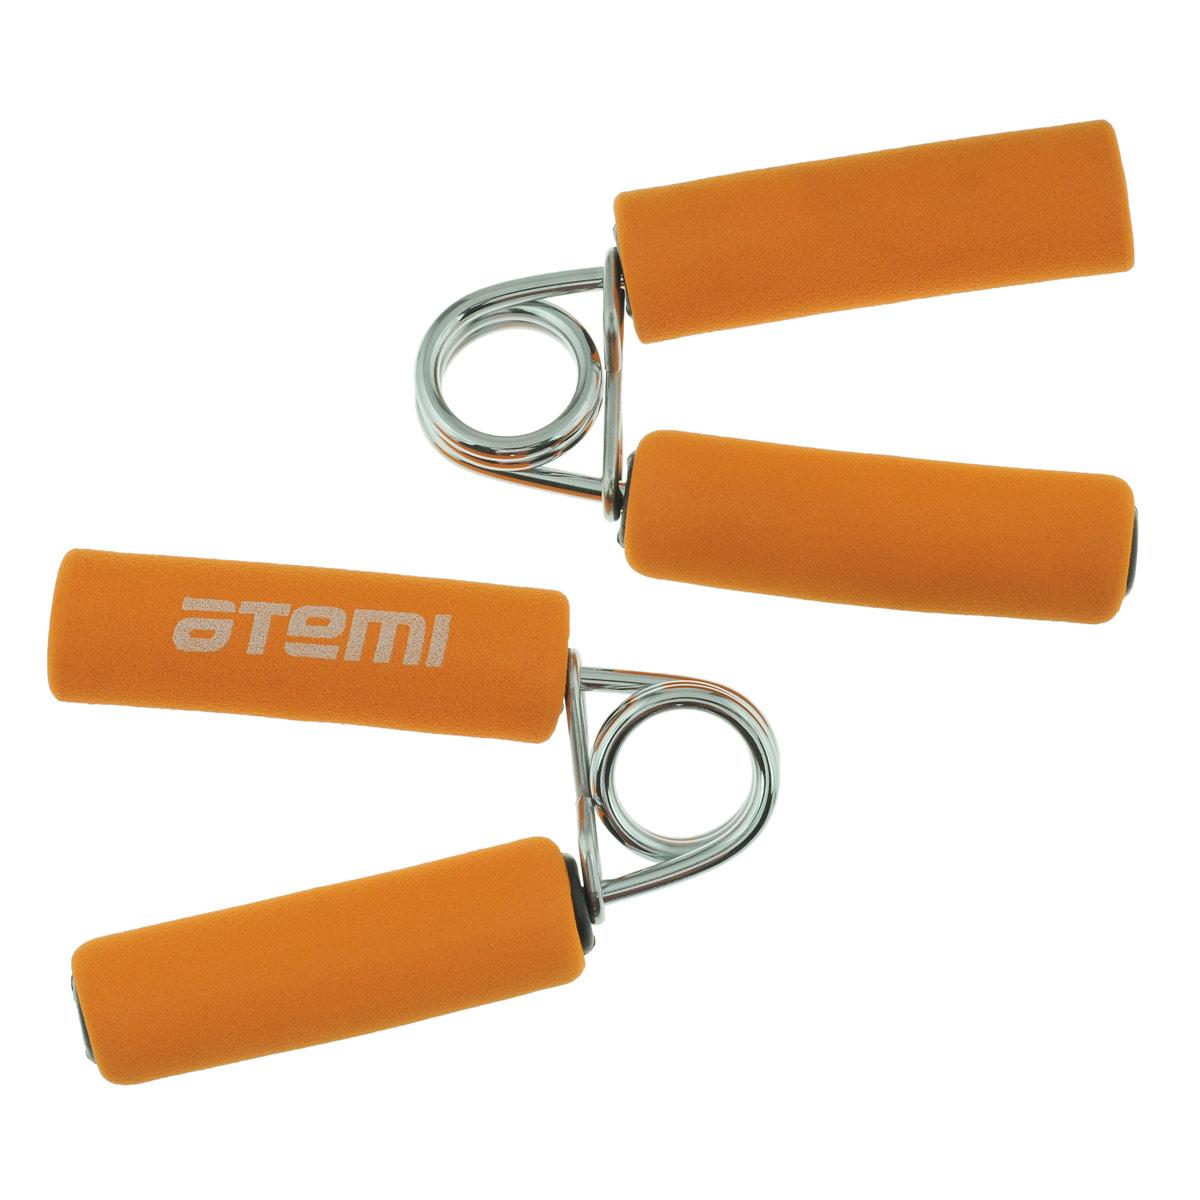 Эспандер кистевой Atemi, цвет: оранжевый, 2 шт. AHG-02 эспандер грудной atemi цвет оранжевый черный 2 х 2 х 65 см